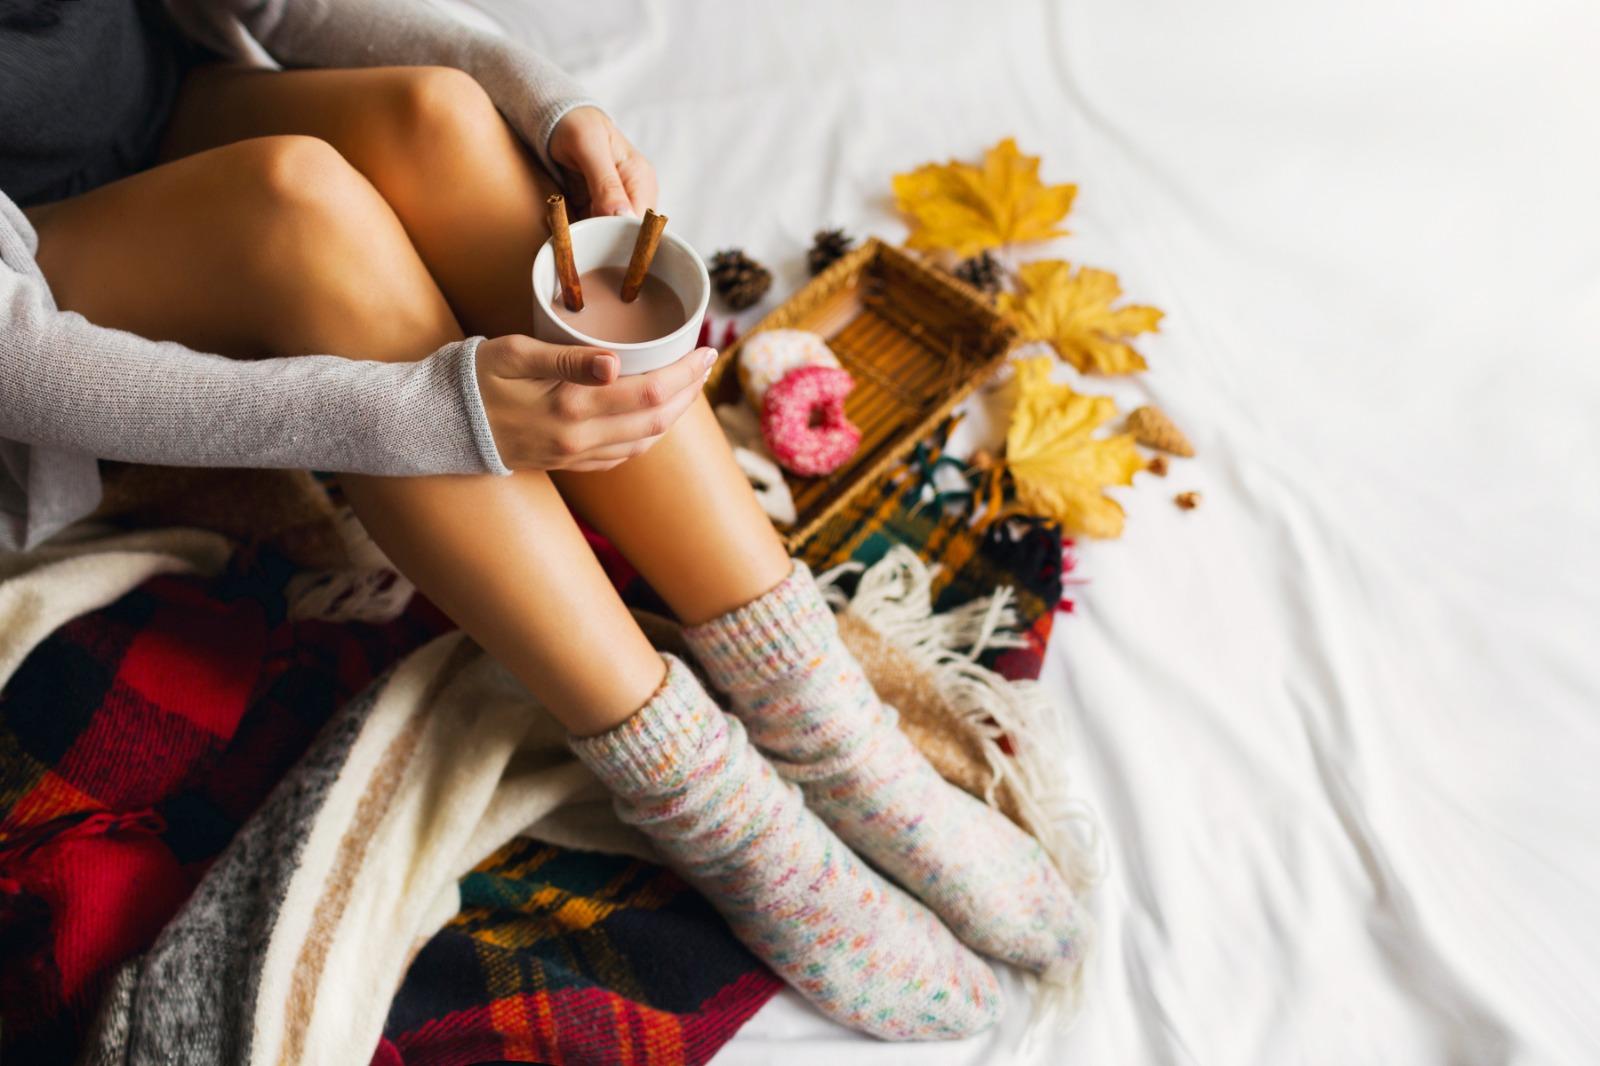 Uyurken Çorap Giyinmek Faydalı mıdır Zararlı mıdır?